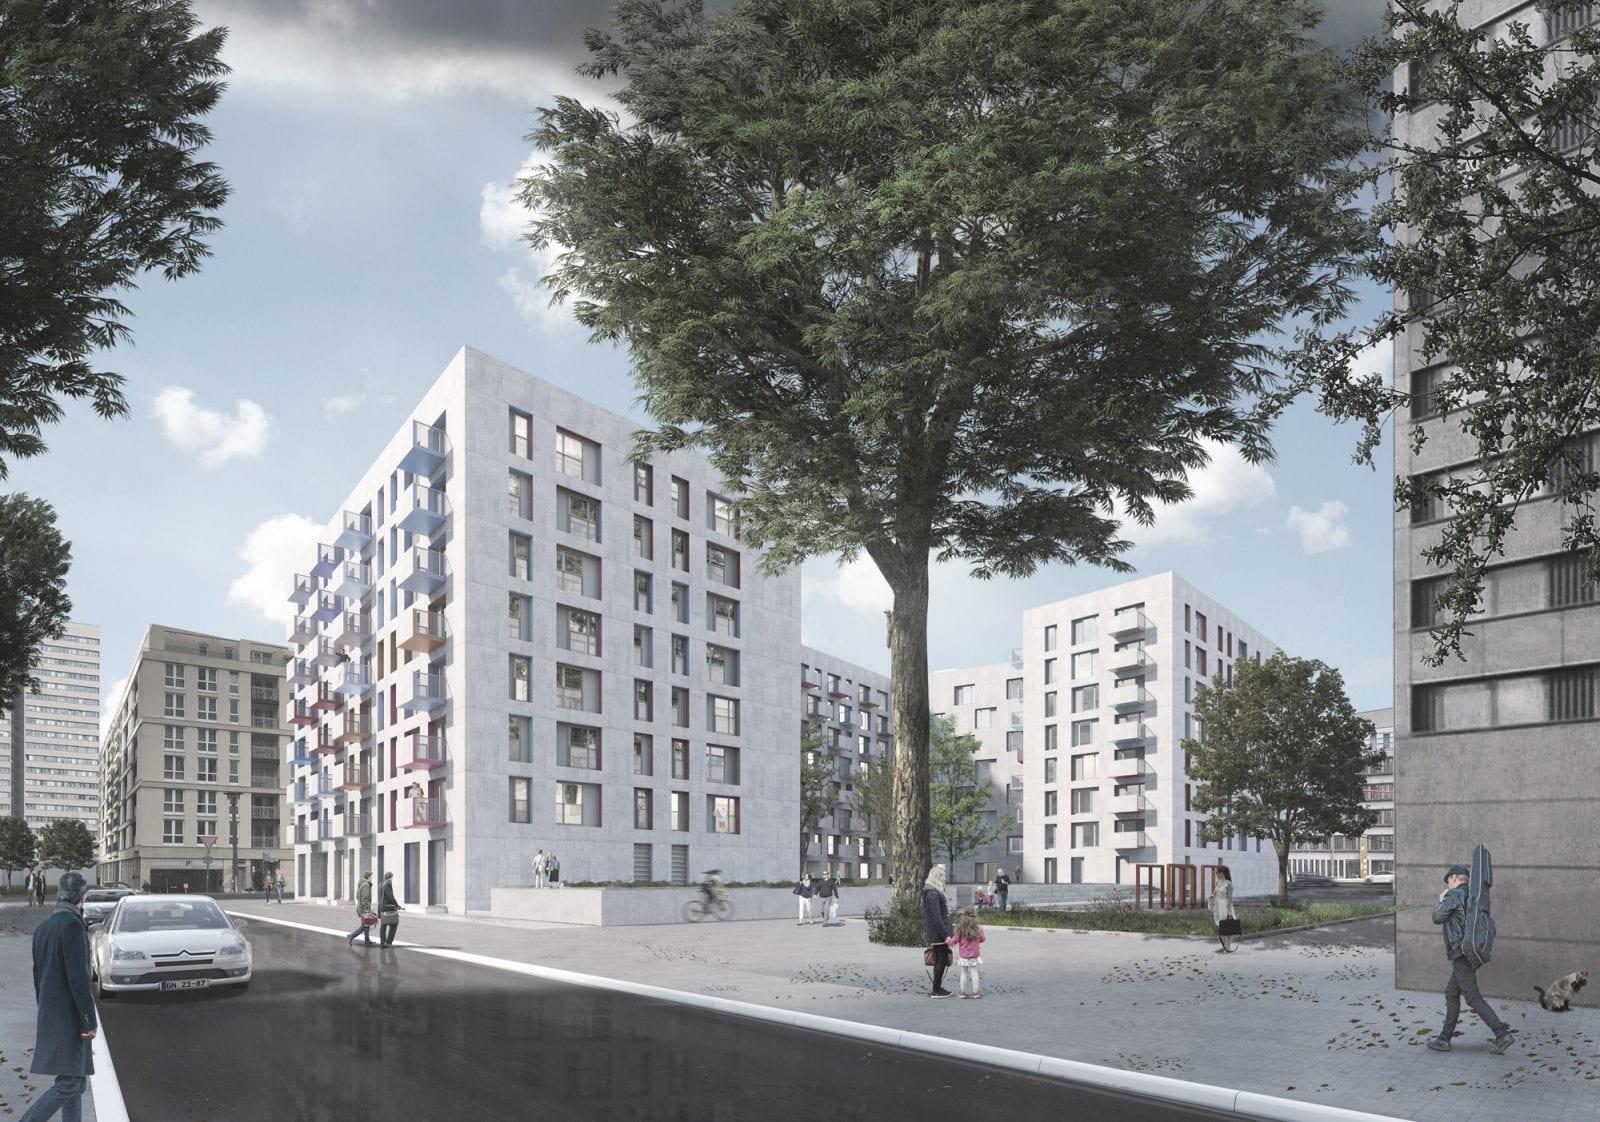 Wohnungsneubau von blauraum Architekten auf der Fischerinsel: Blick von Nordosten auf das Ensemble (Bild: blauraum Architekten)